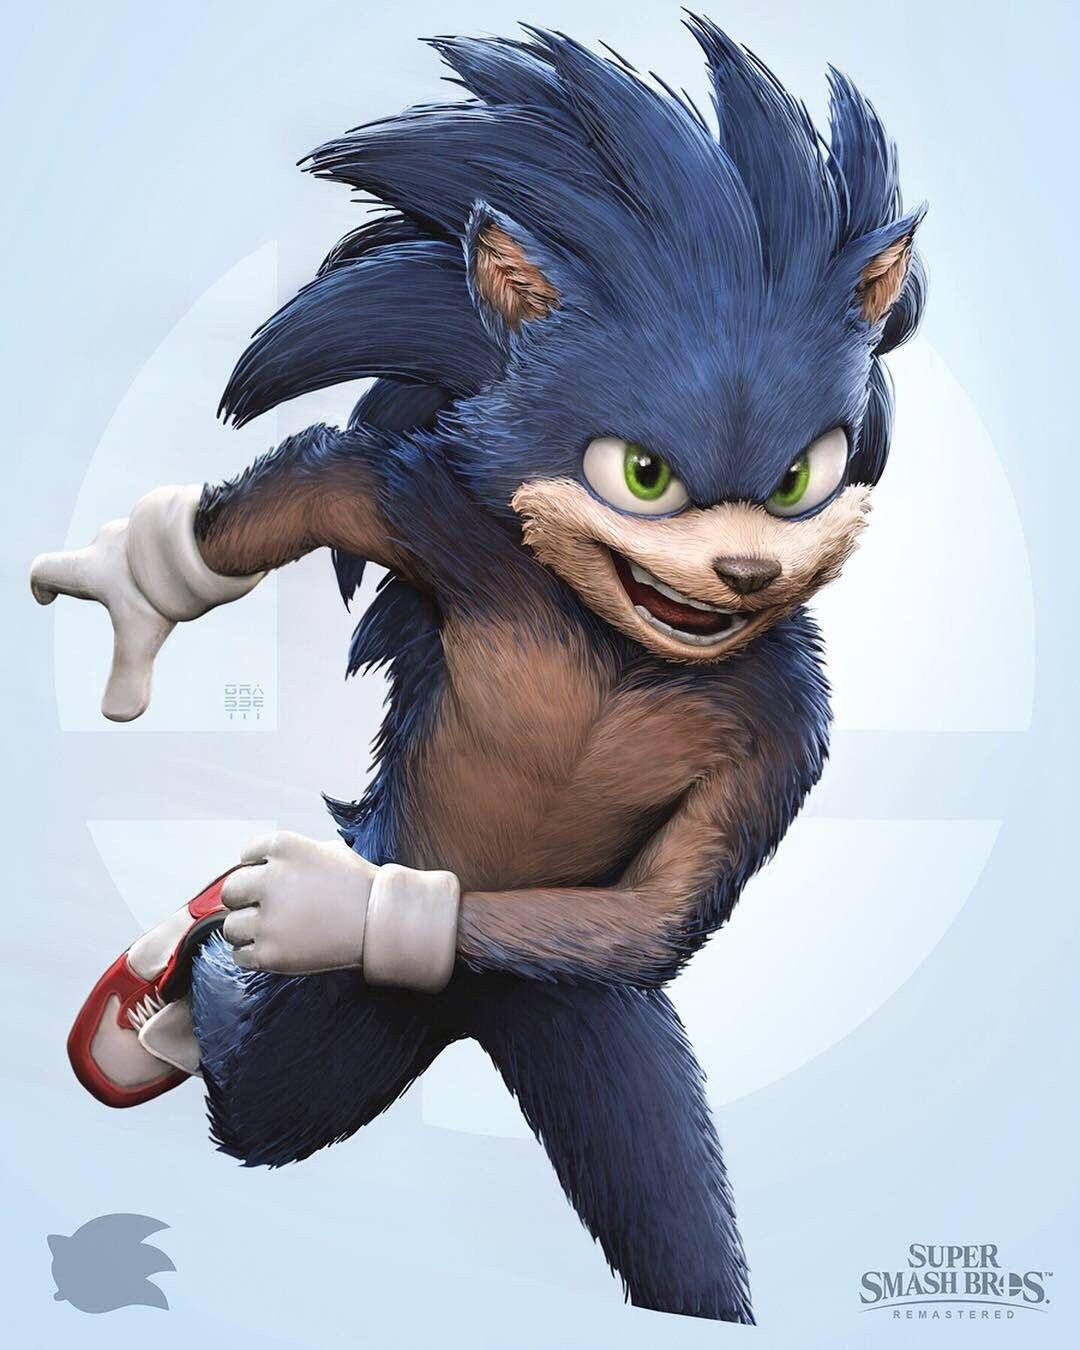 Sonic the hedgehog | Sonic <3 2 | Super Smash Bros, Videojuegos